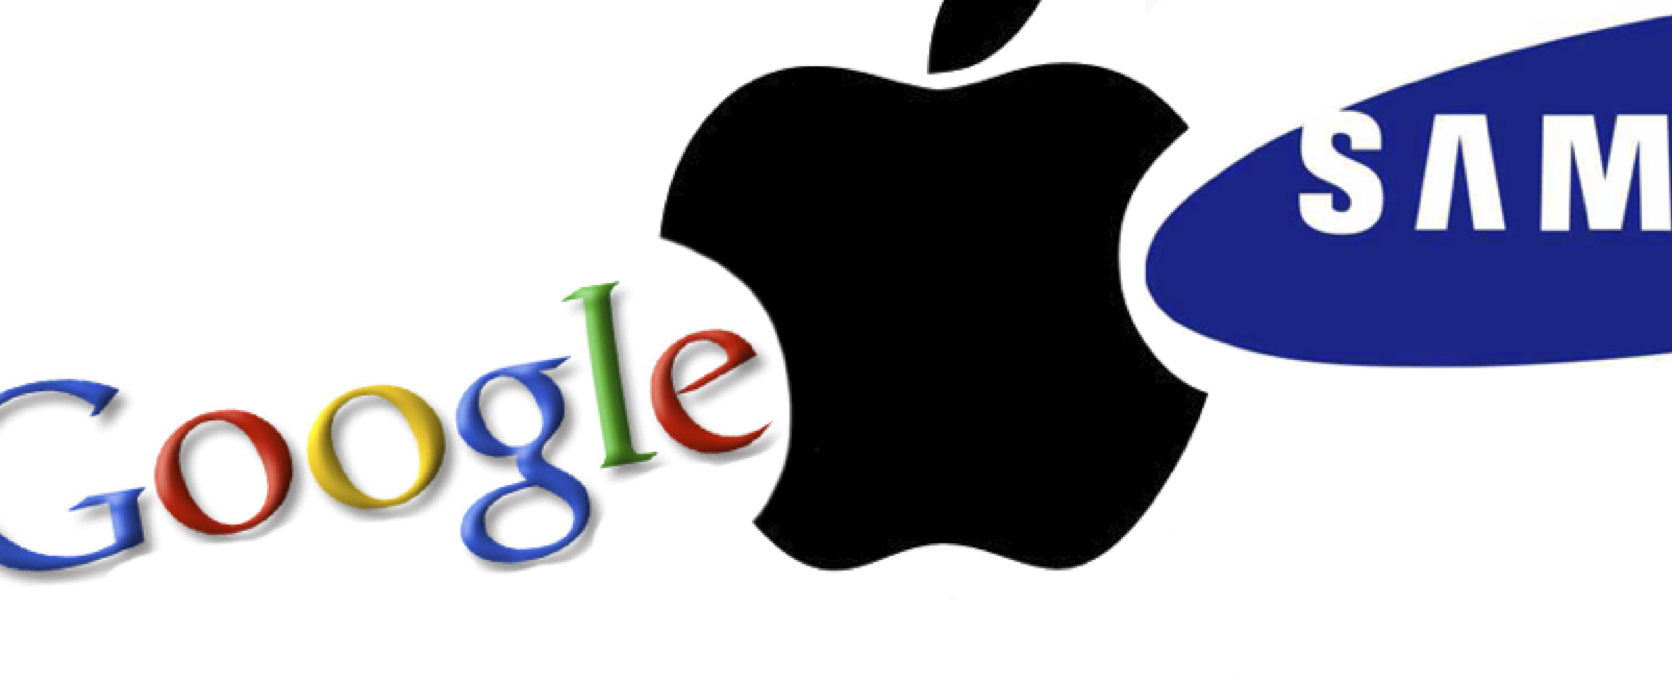 apple google dan samsung dinobatkan sebagai brand